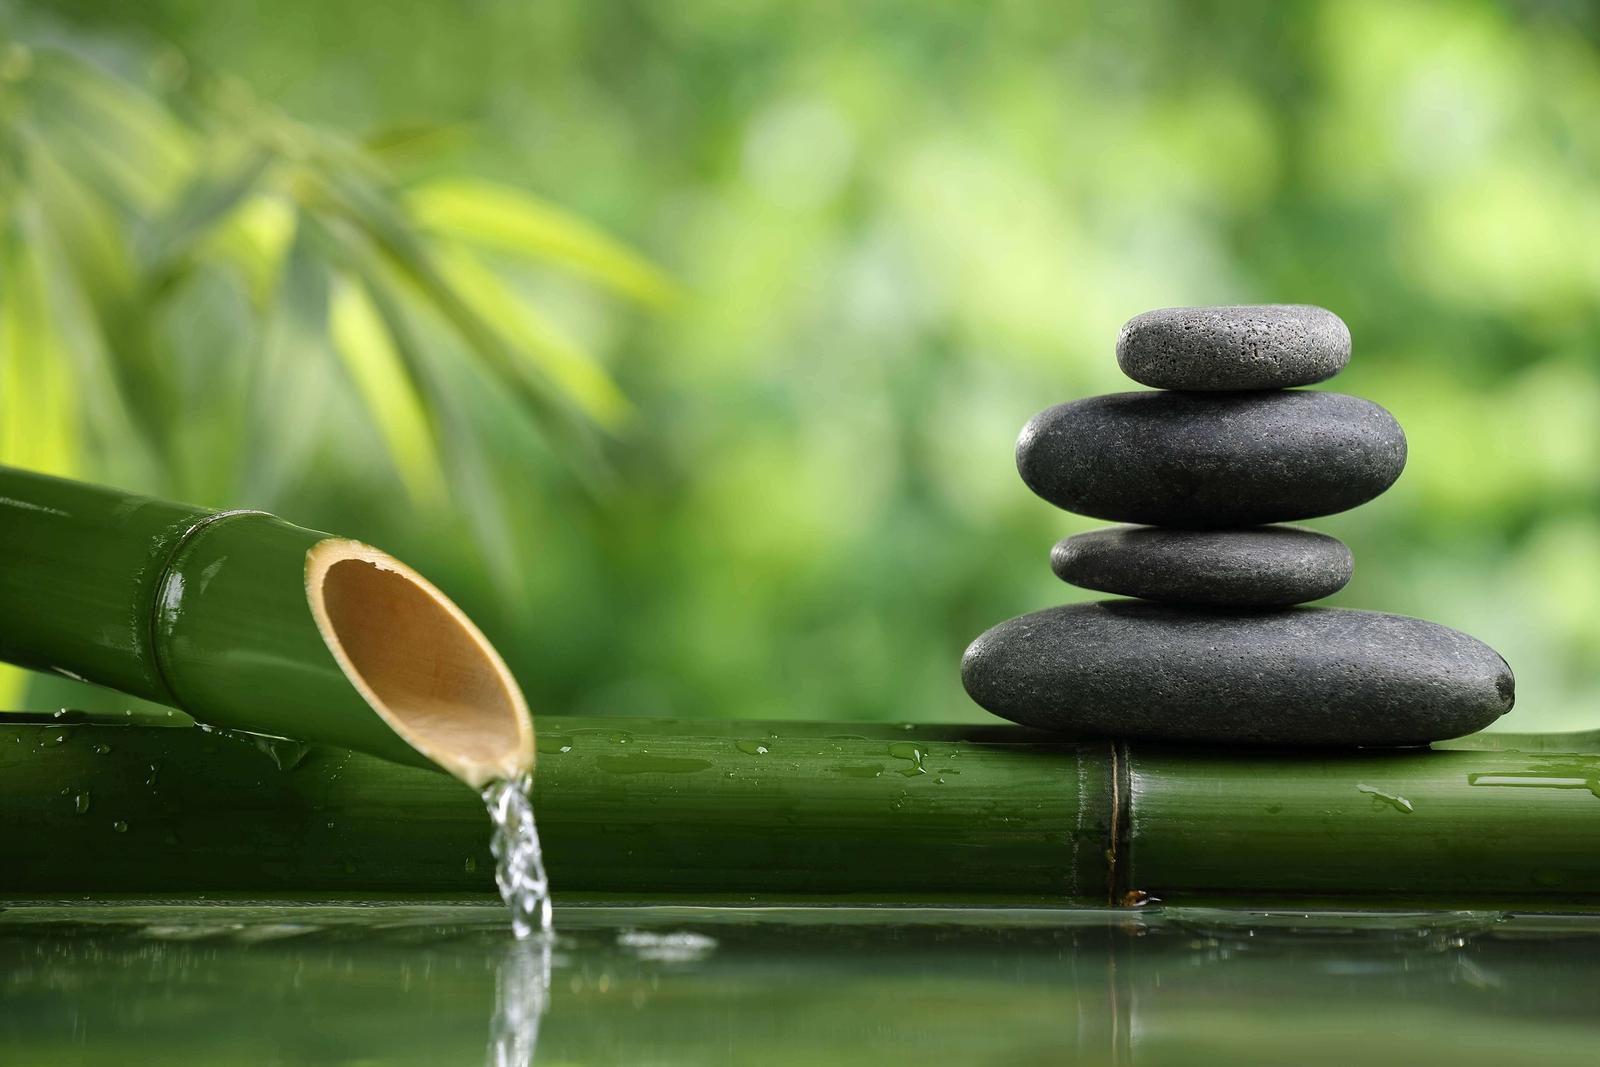 Peace, Calm, Balance, Awareness